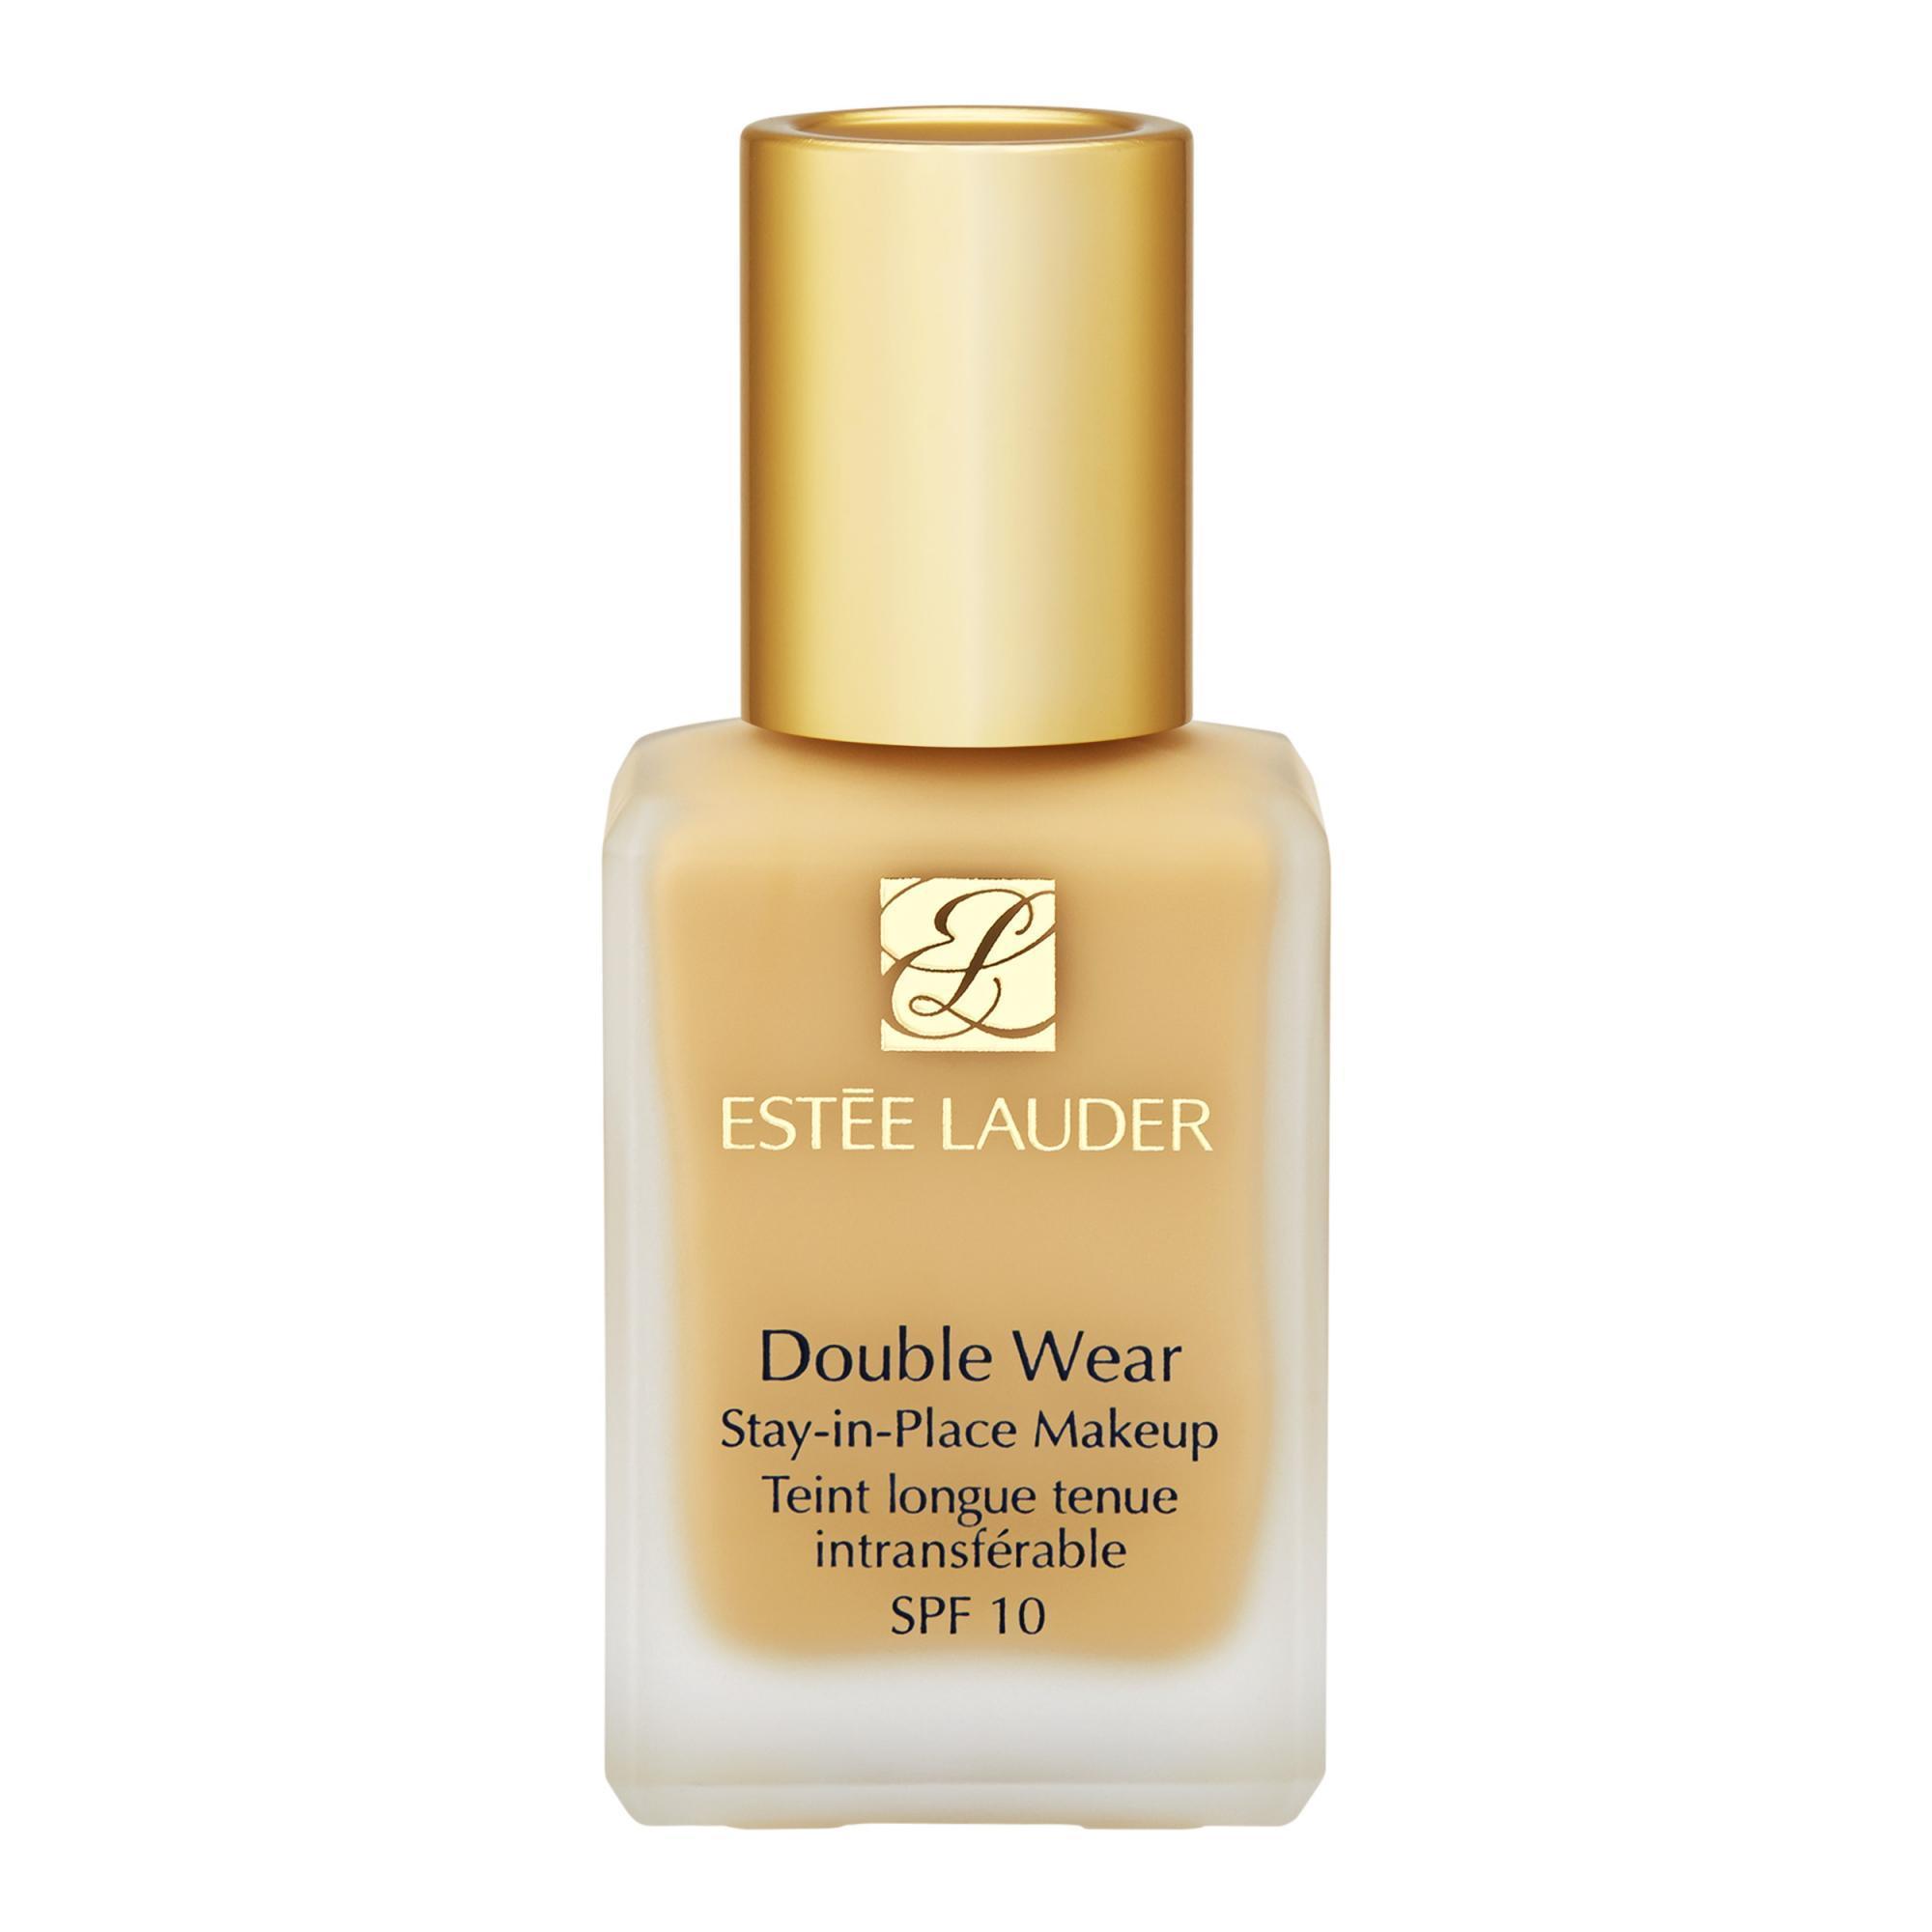 Estee Lauder Double Wear Stay In Place Makeup Spf10 30Ml 1Oz 1W1 Bone 17 Intl Free Shipping